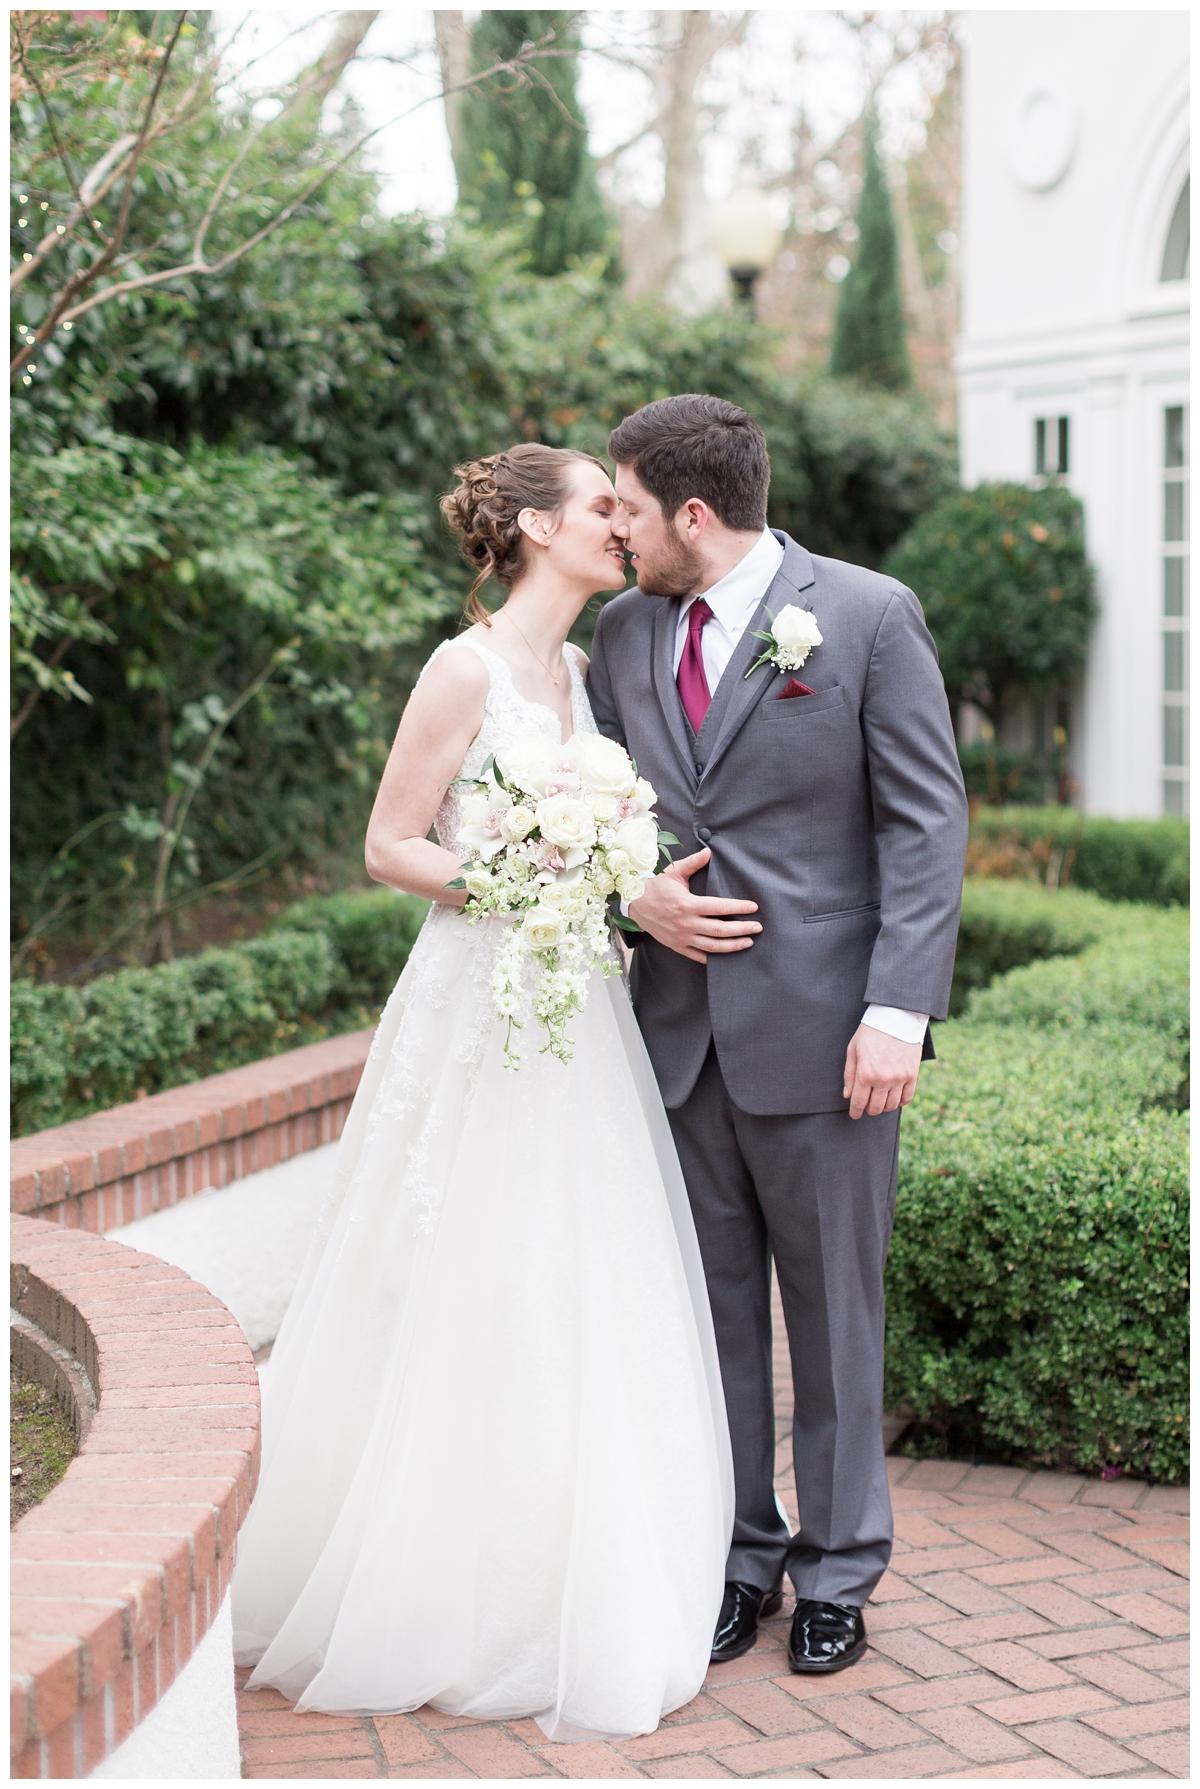 bride and groom take romantic portraits at Vizcaya Sacramento wedding venue